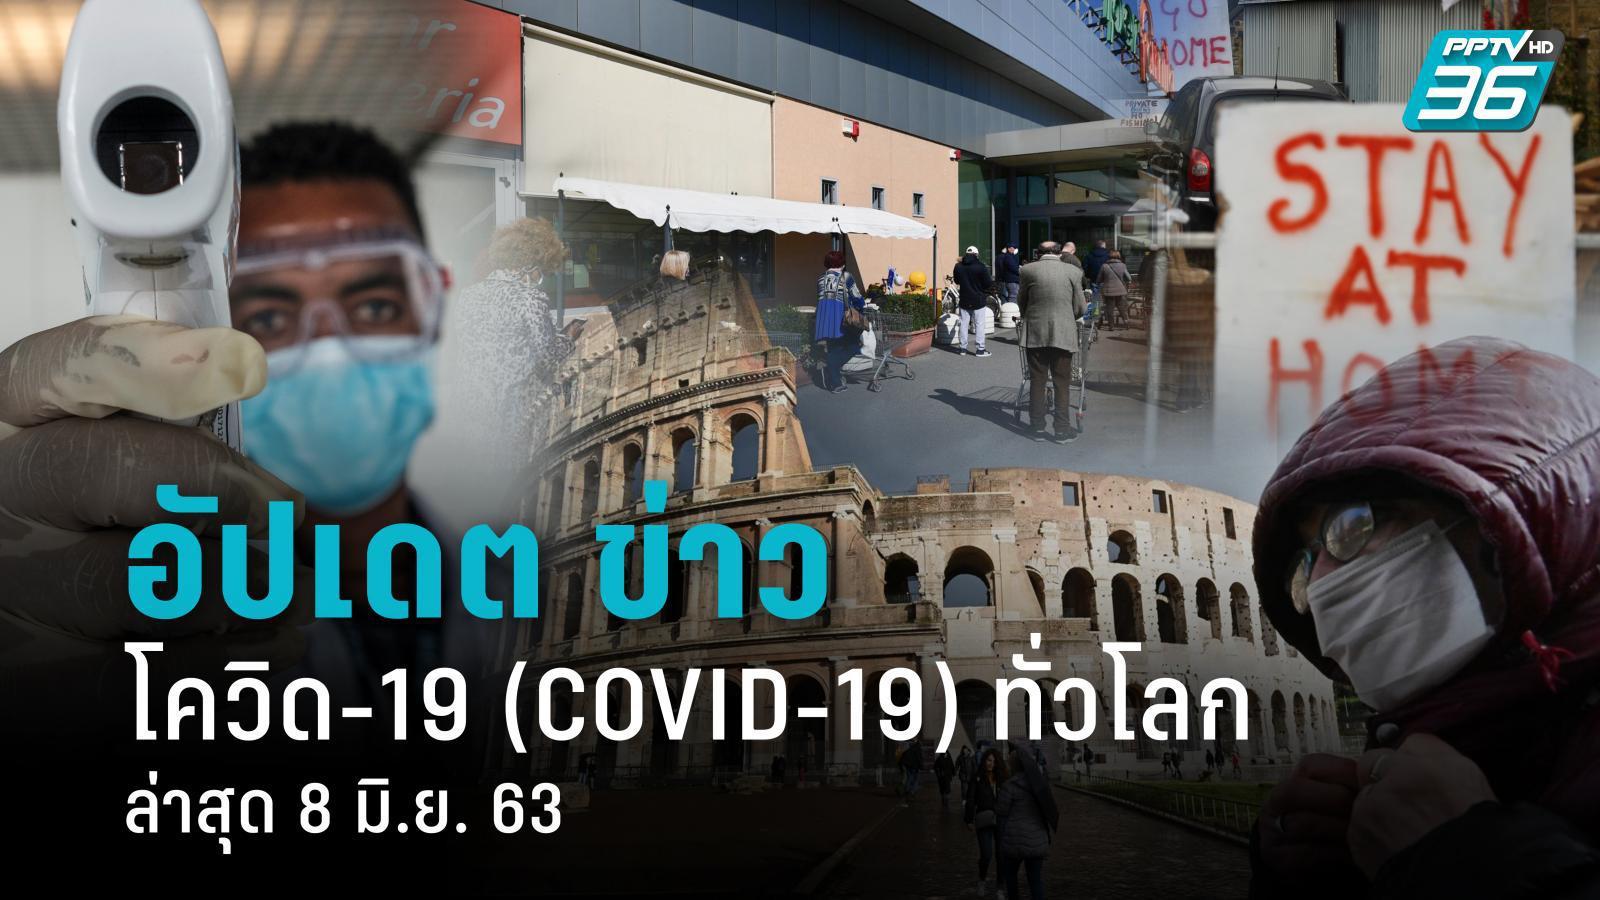 อัปเดตข่าว สถานการณ์ โควิด-19 ทั่วโลก ล่าสุด 8 มิ.ย. 63